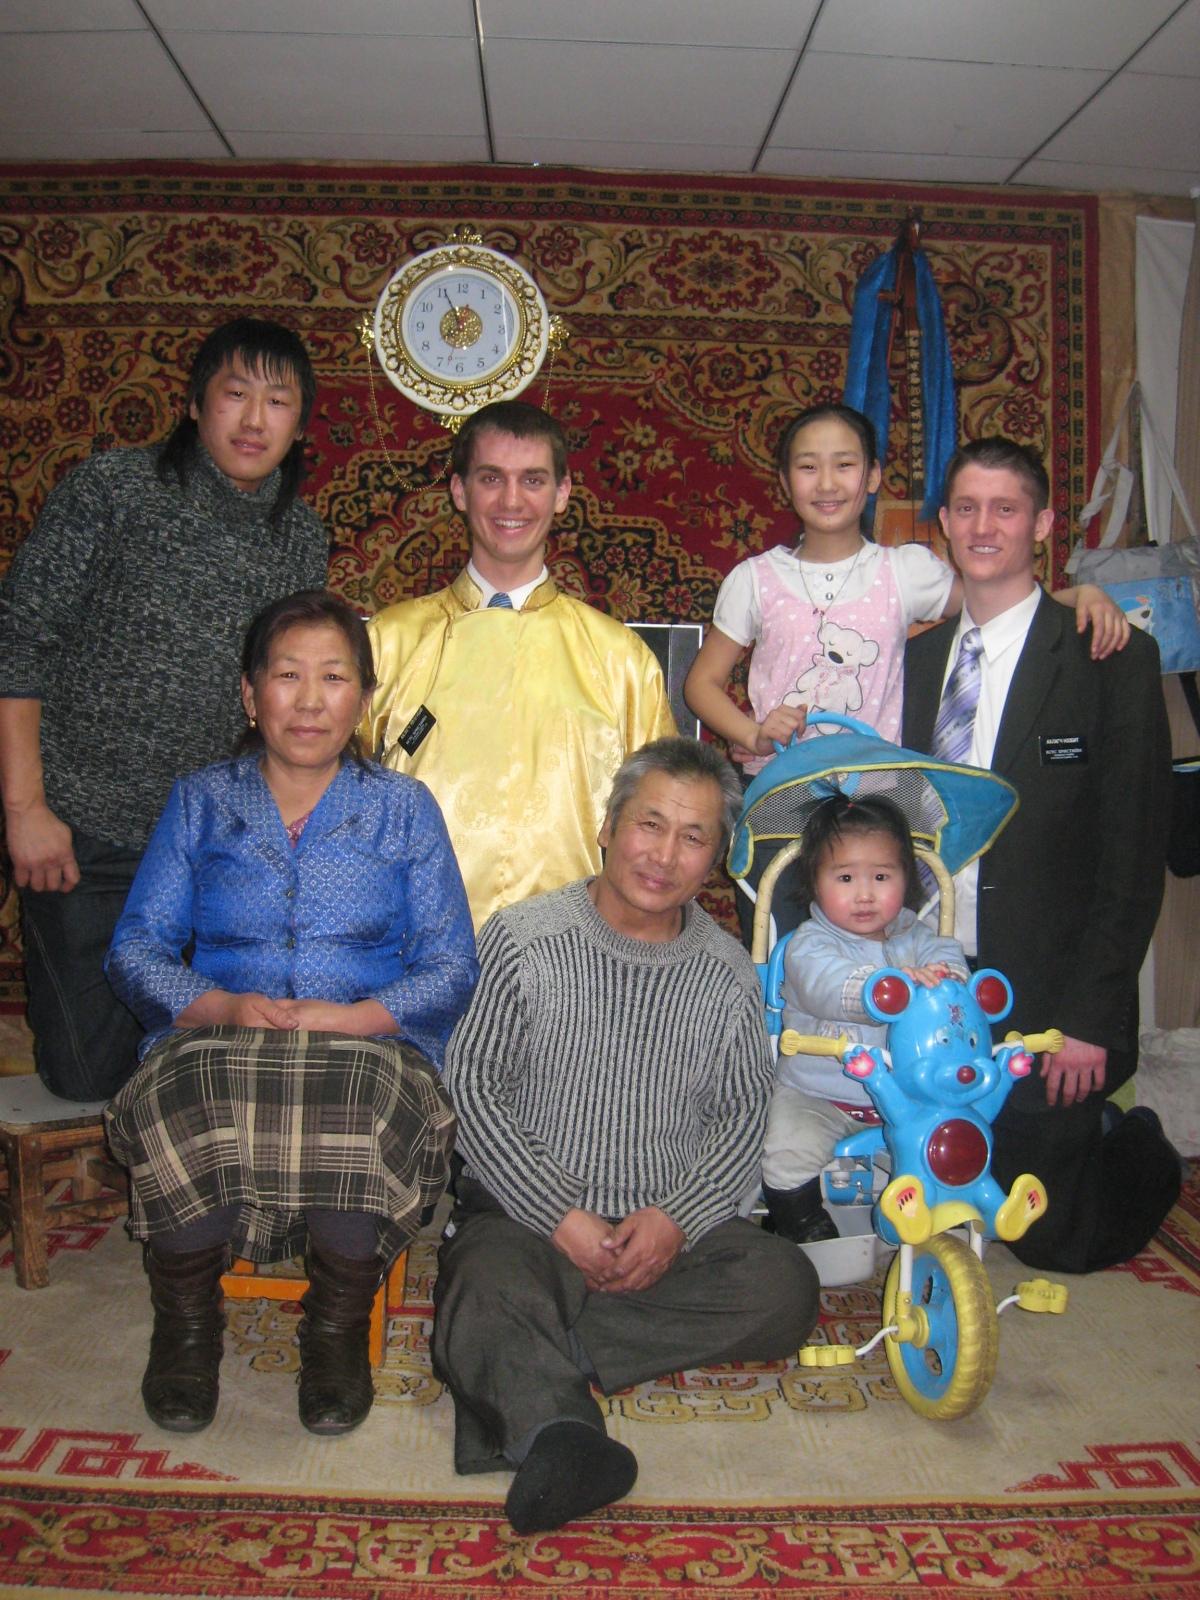 Daniel (wearing yellow shirt) with Mongolian family